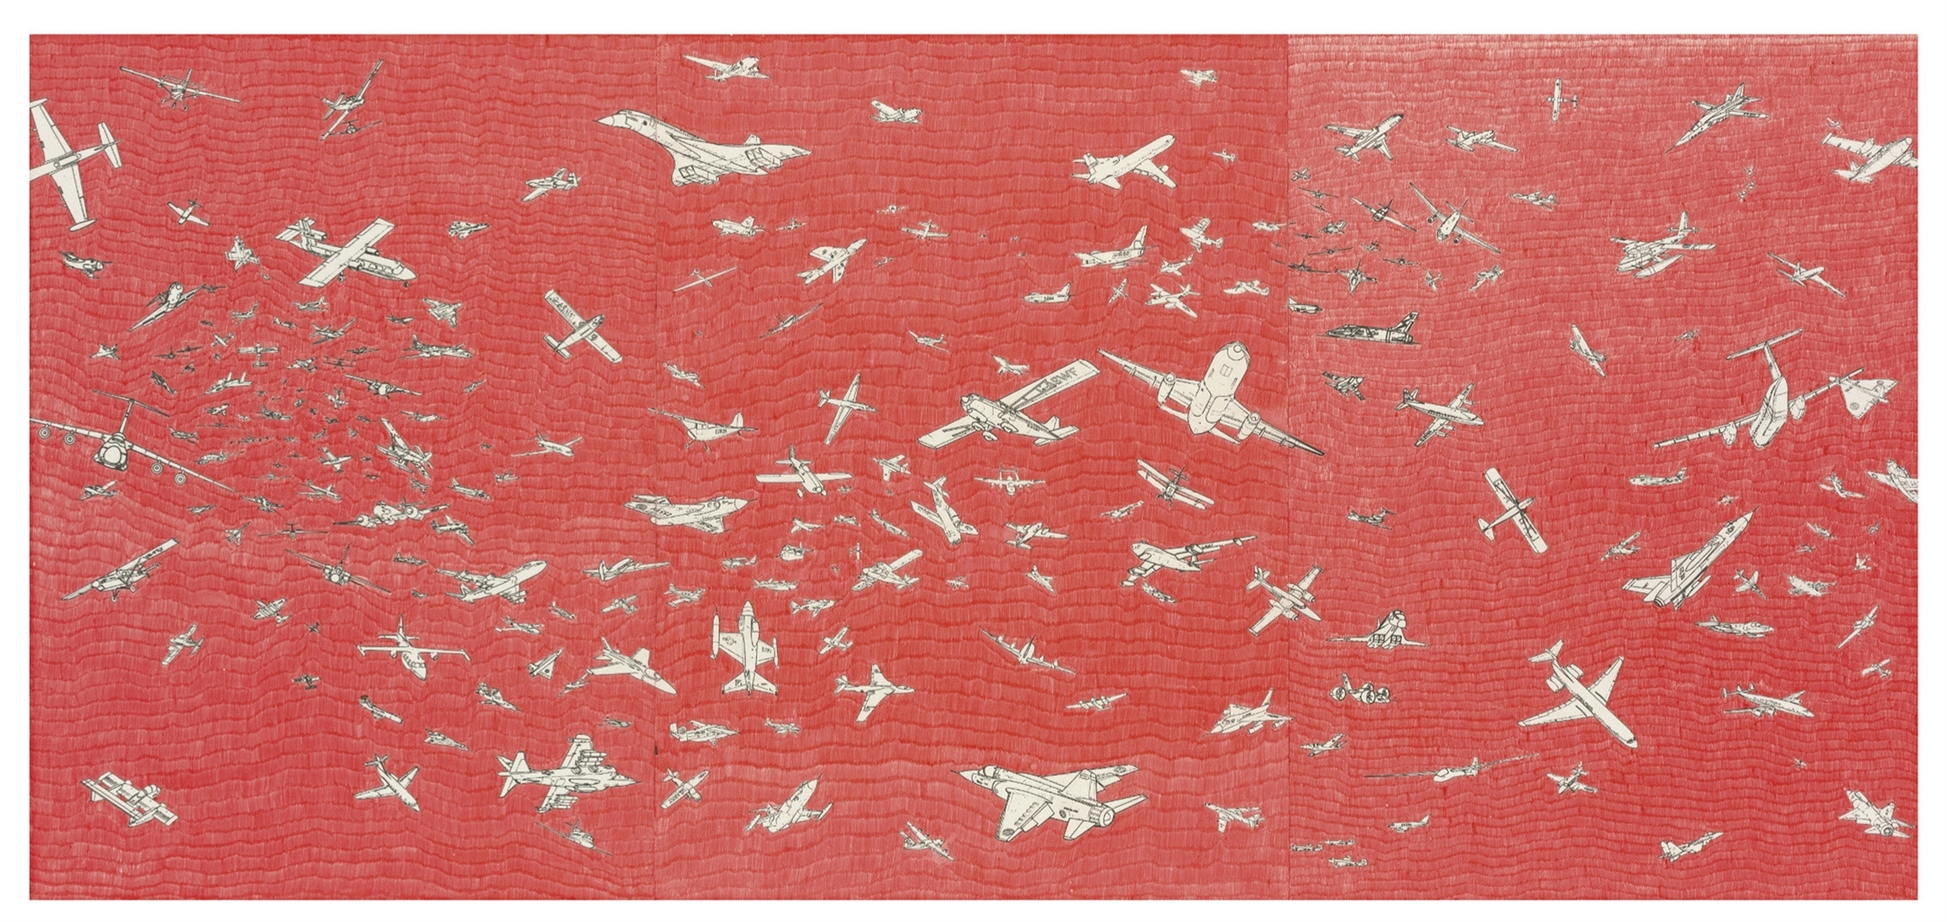 Alighiero Boetti-Aerei (Planes)-1983